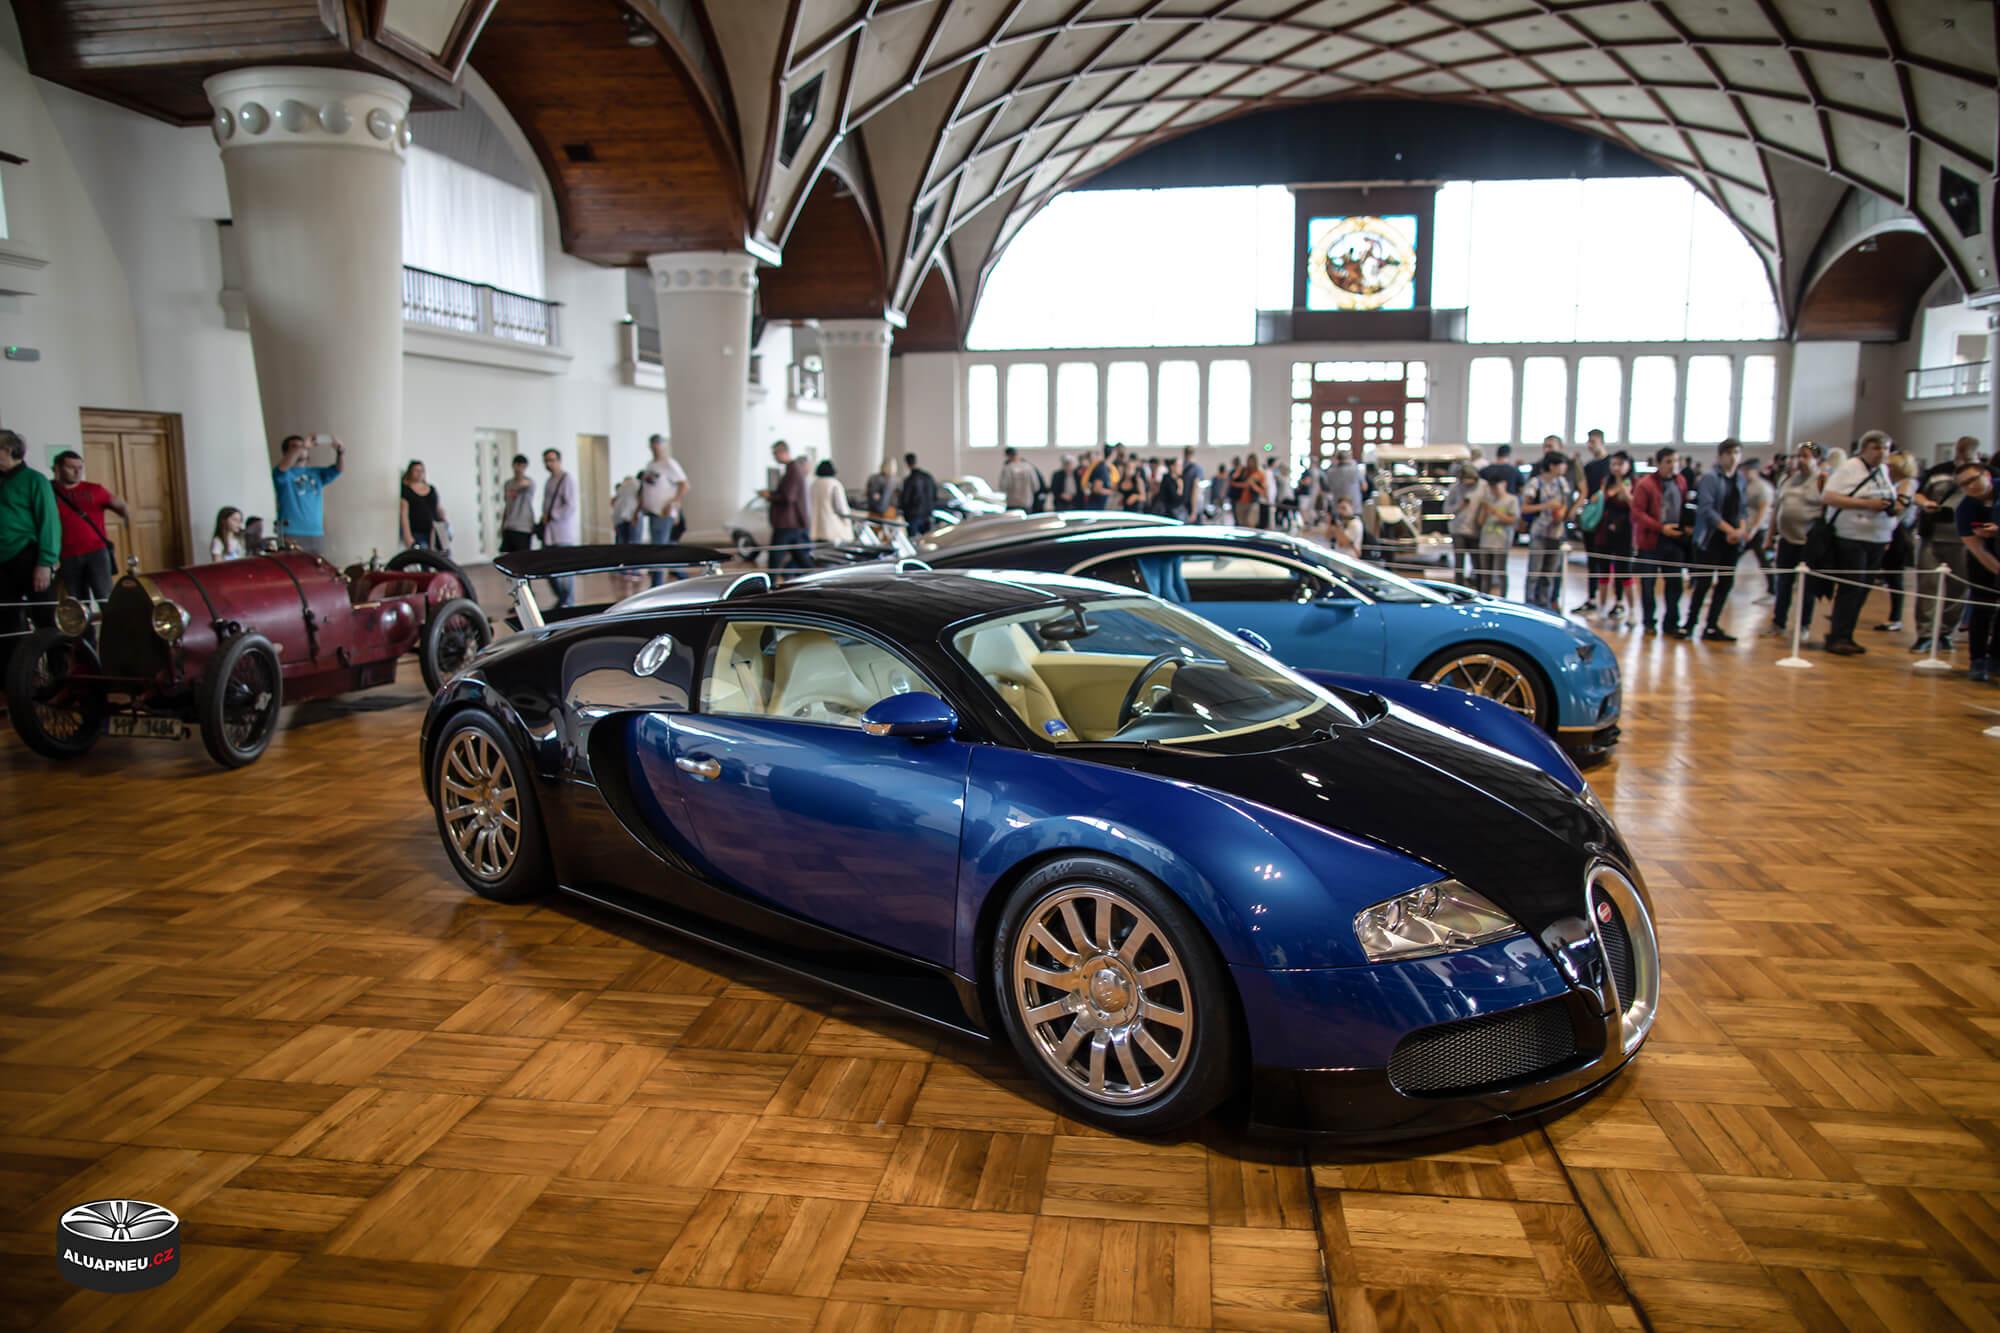 Bugatti Veyron - Automobilové Legendy 2019 - www.aluapneu.cz